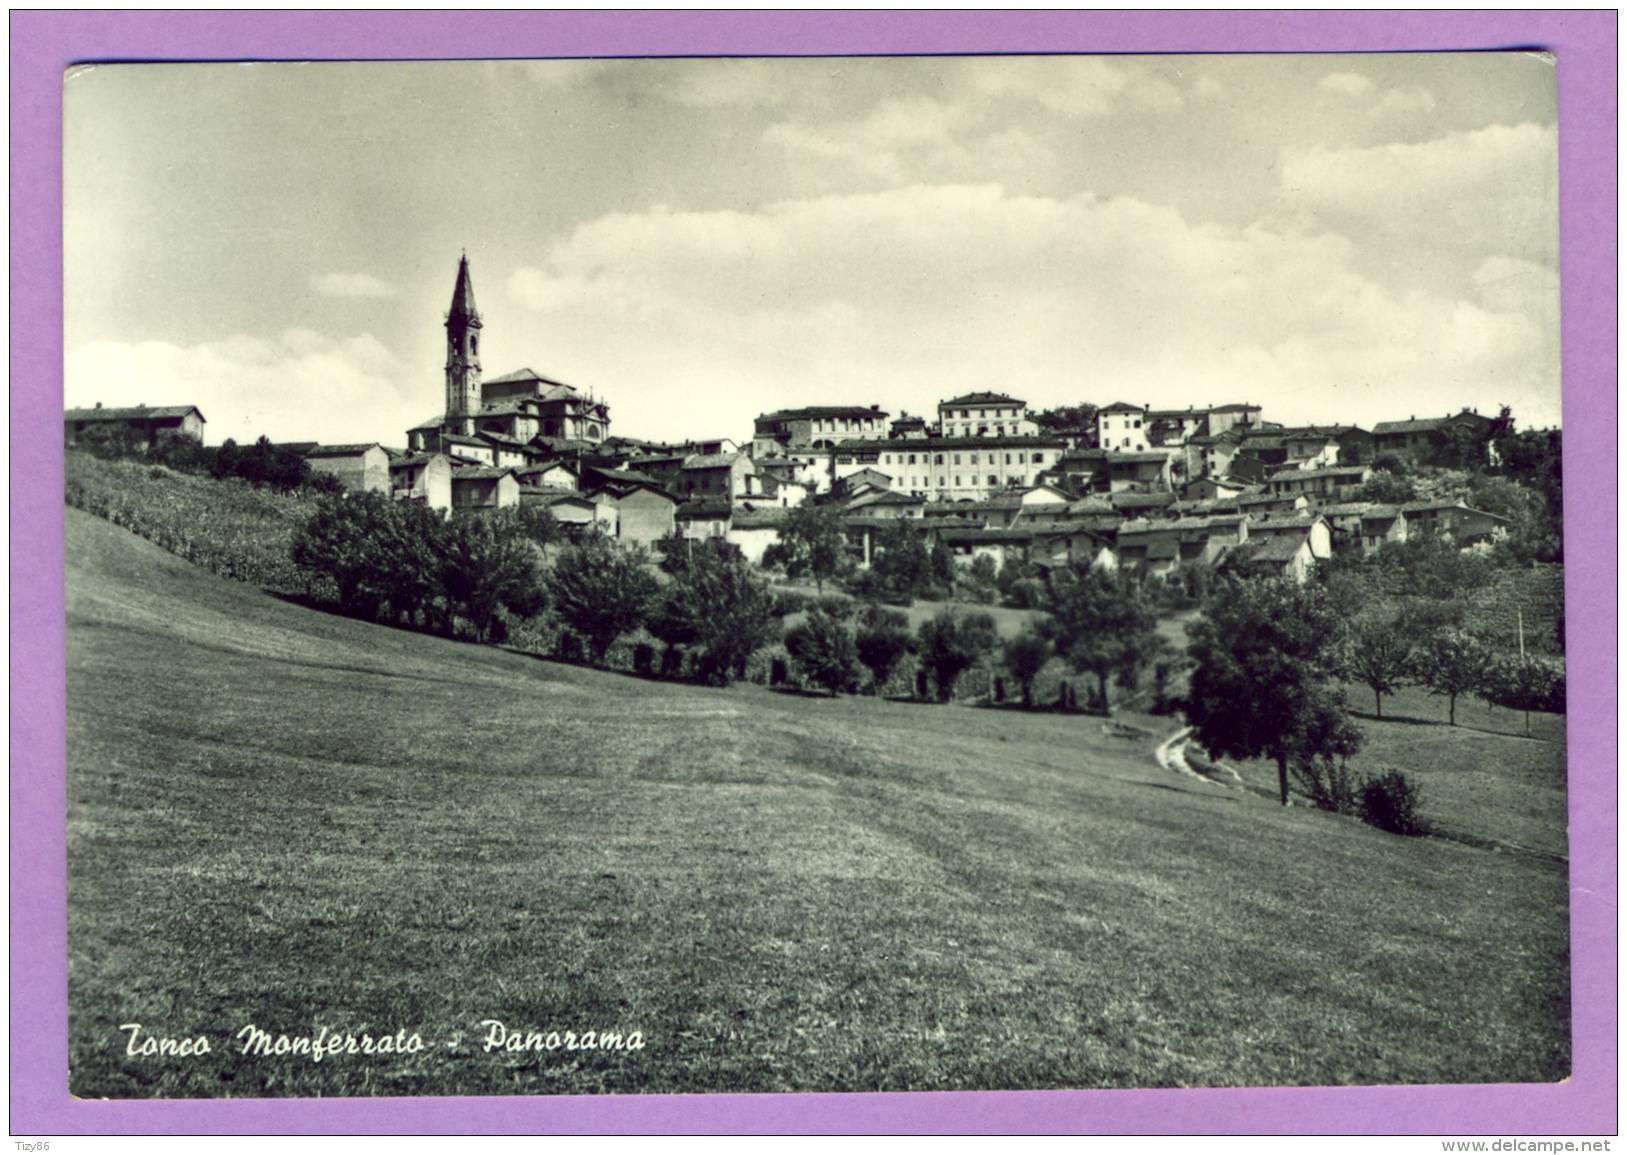 Tonco Monferrato - Panorama - Alessandria